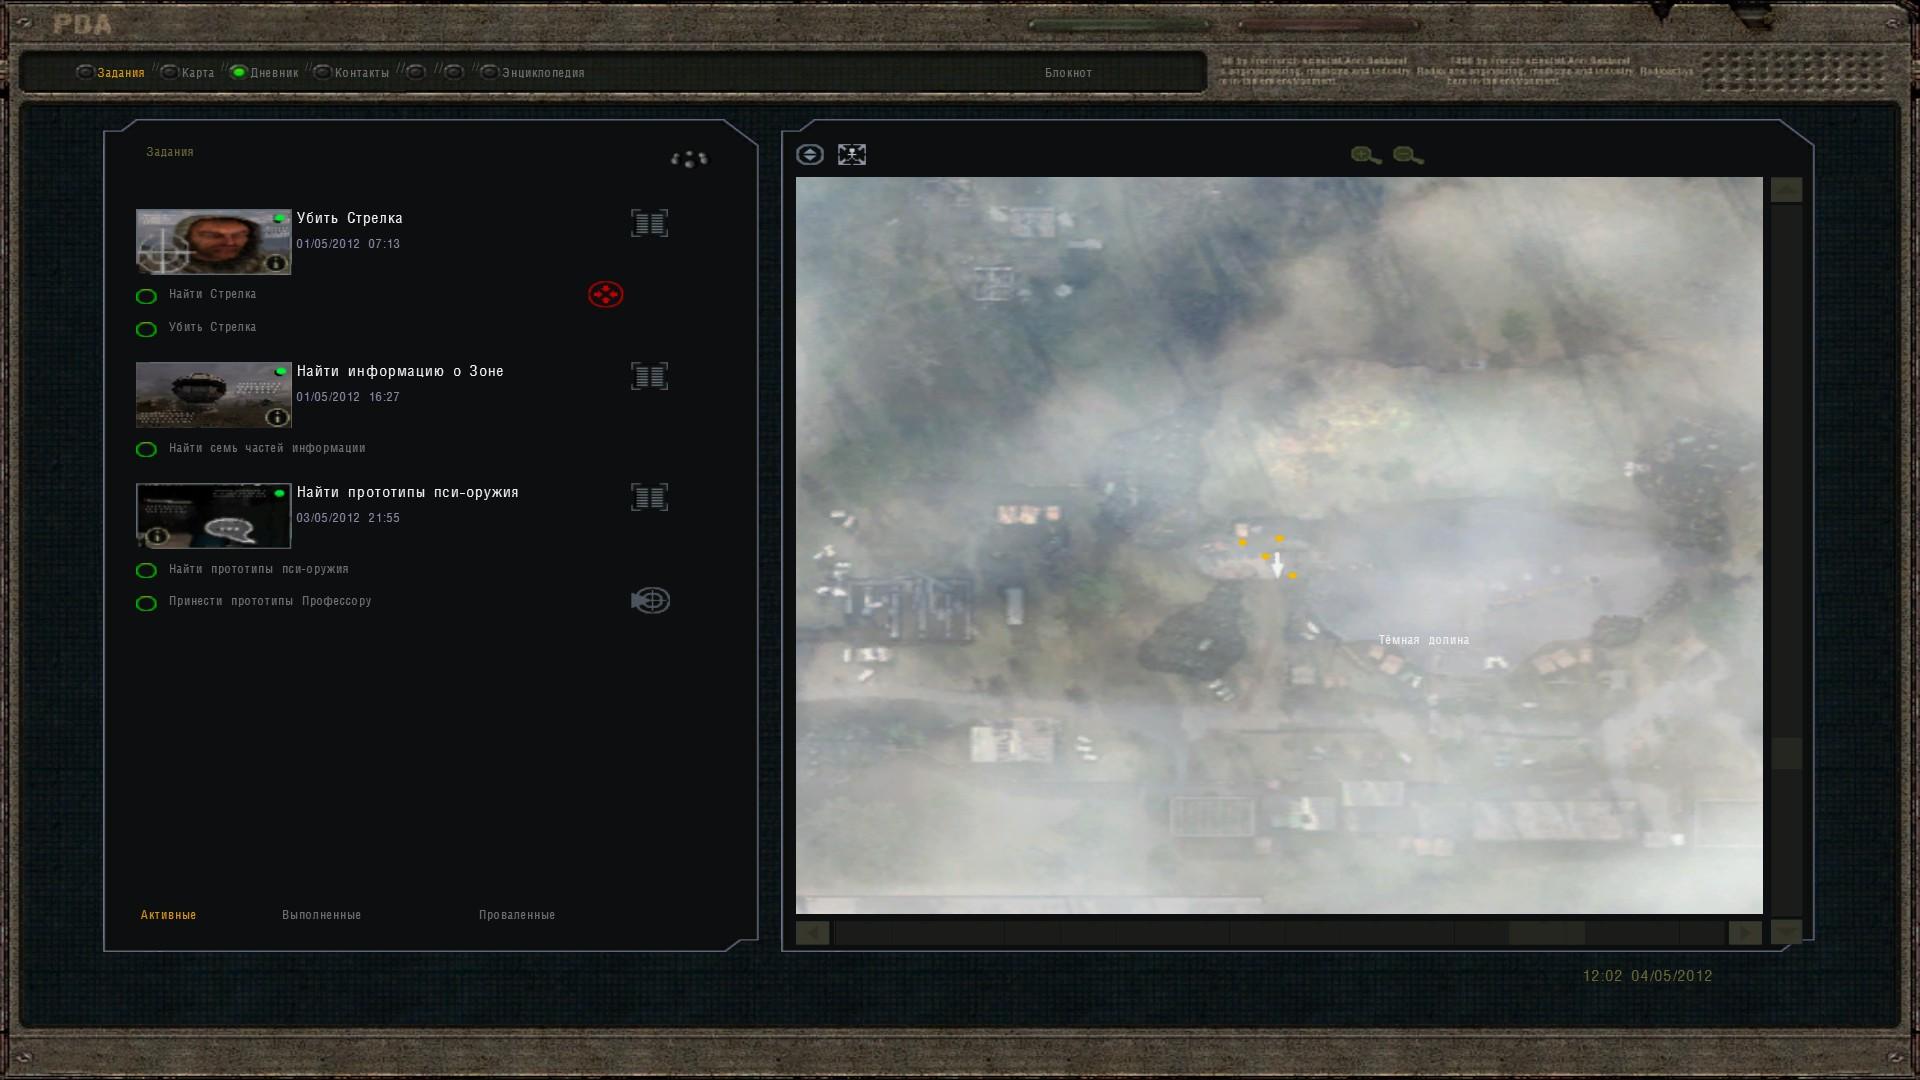 Oblivion Lost Remake 2.5 image 236